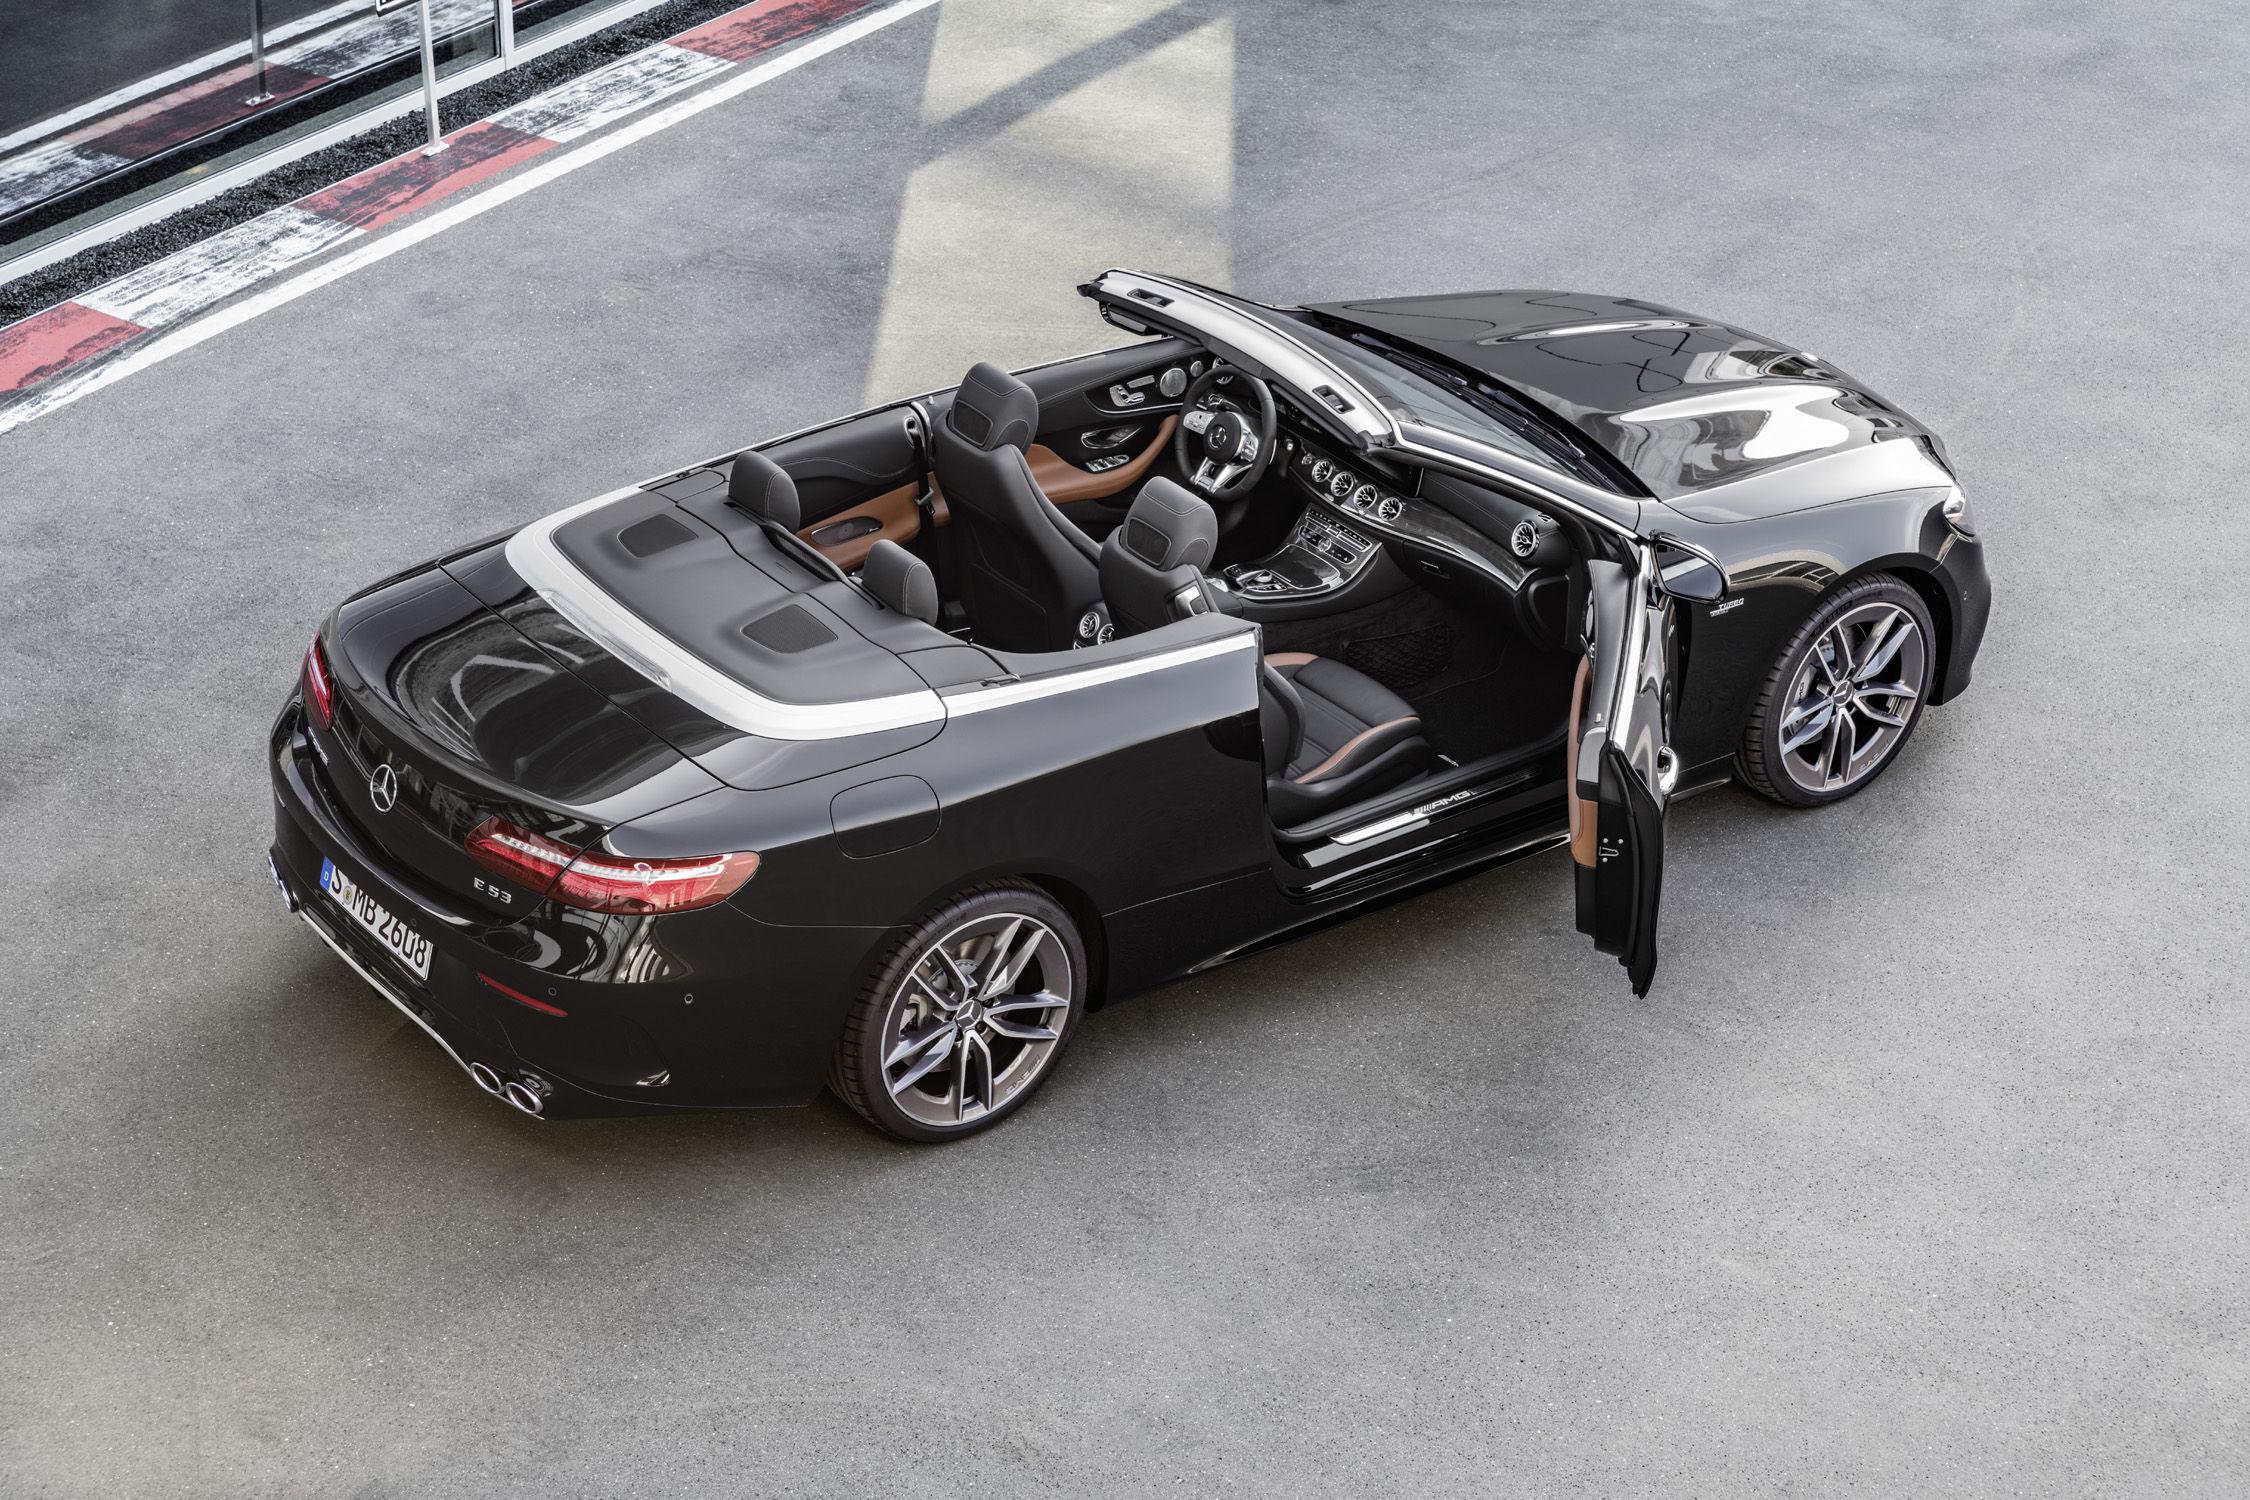 nouvelle gamme hybride mercedes amg 53 actualit. Black Bedroom Furniture Sets. Home Design Ideas